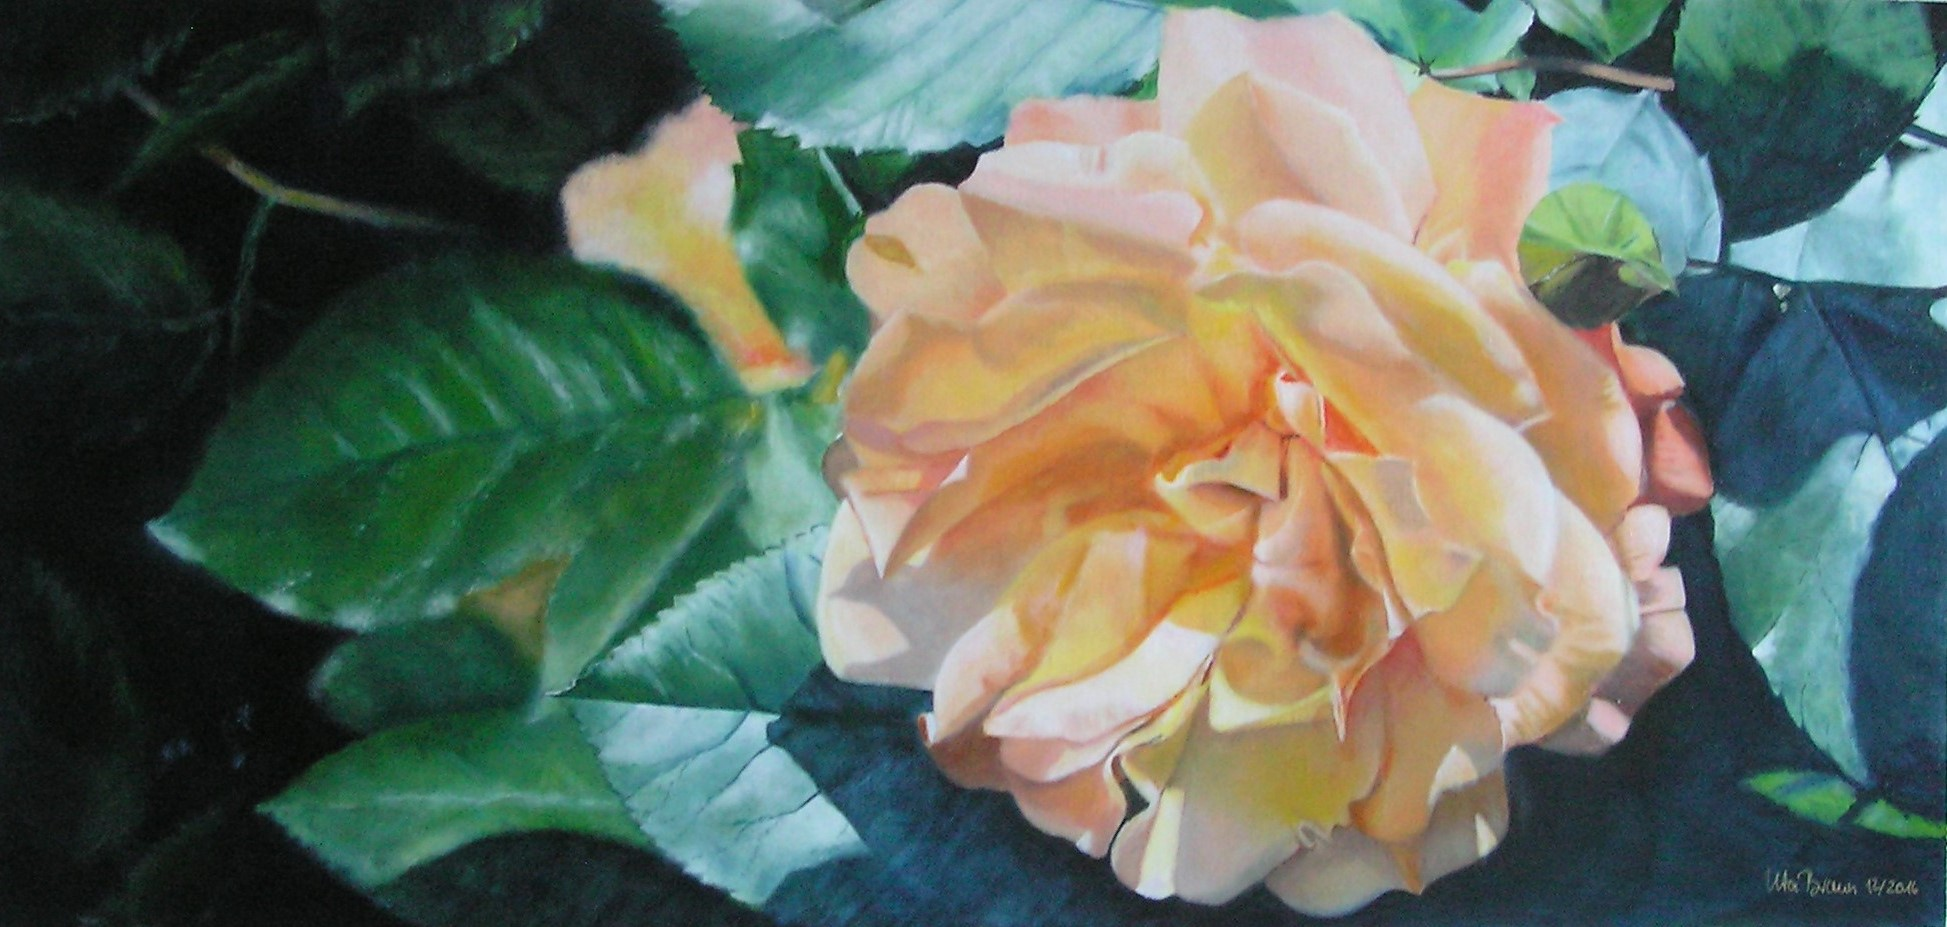 Buschrose gelb-orange